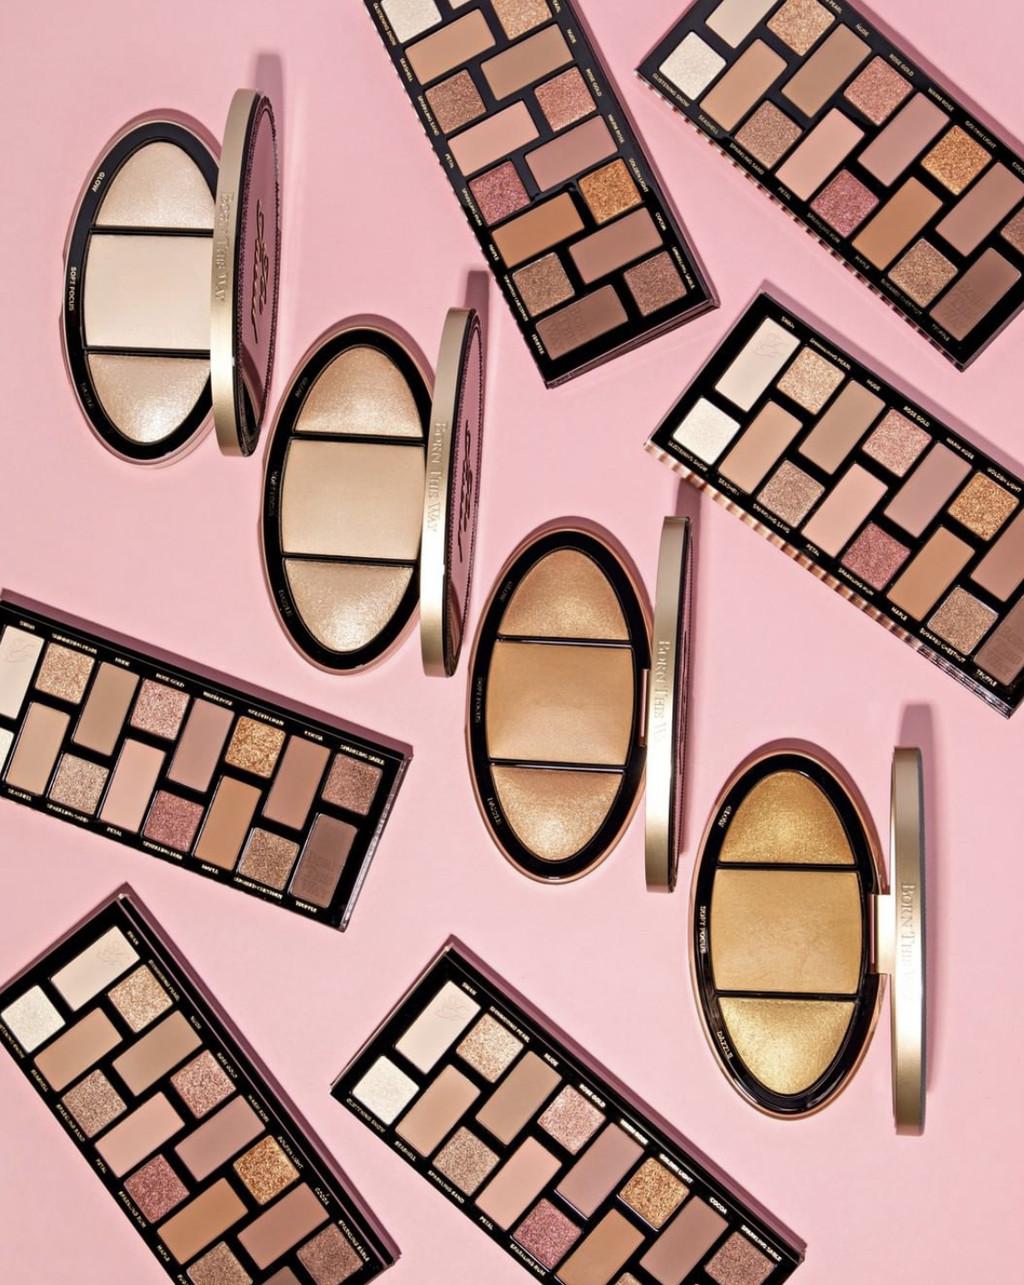 Too Faced amplía su linea Born This Way con dos nuevas paletas en tonos nude para resaltar la belleza natural